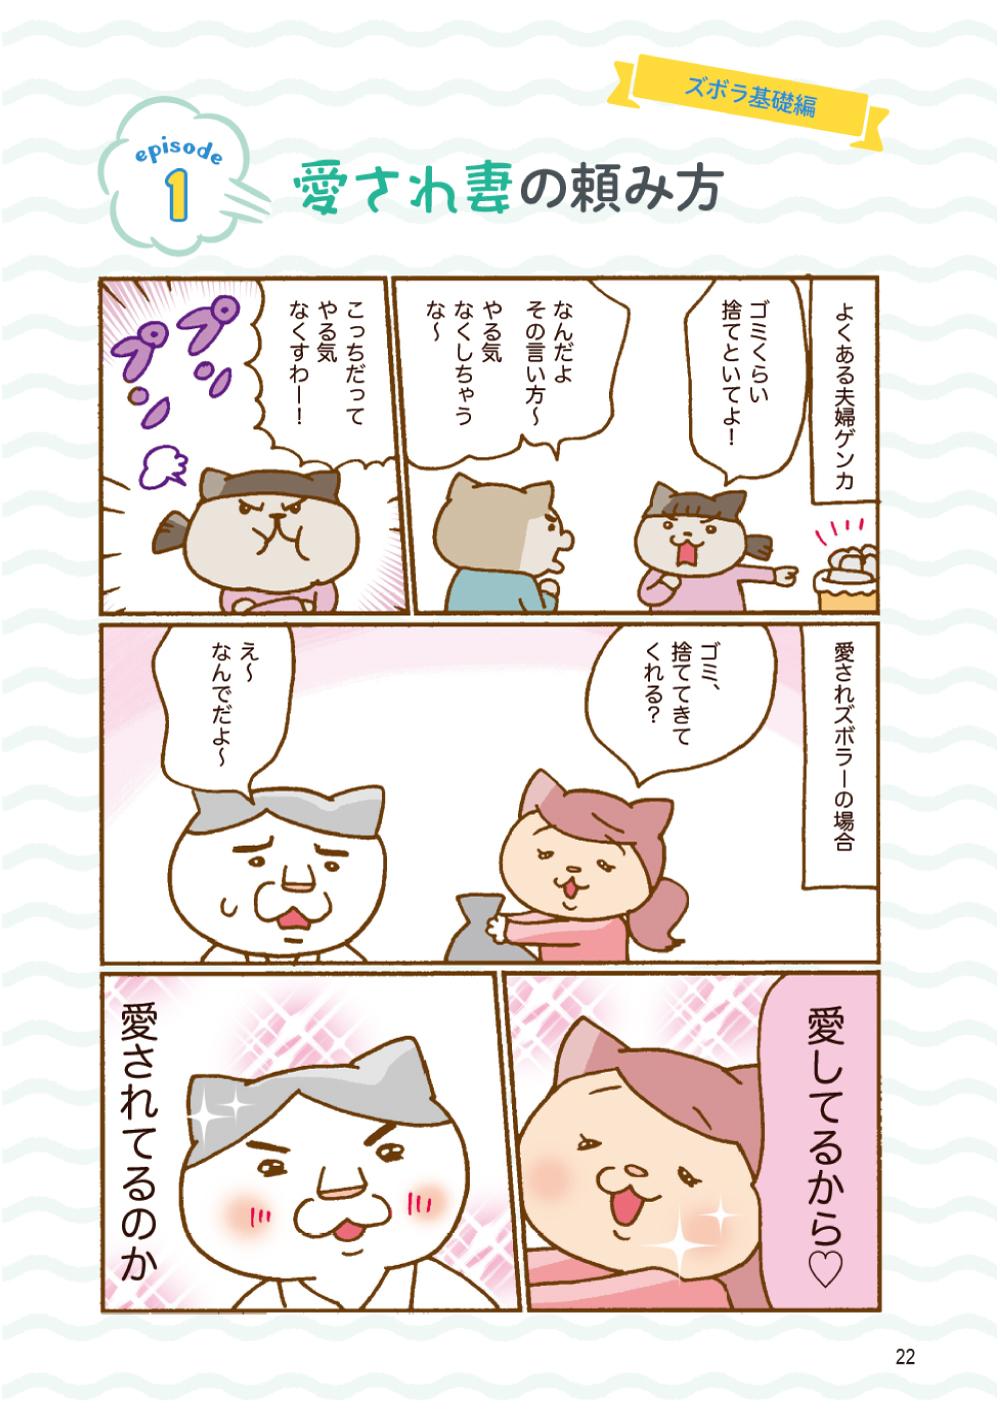 【家事】あな吉さんの家事をやめても愛されるズボラ主婦革命の画像10